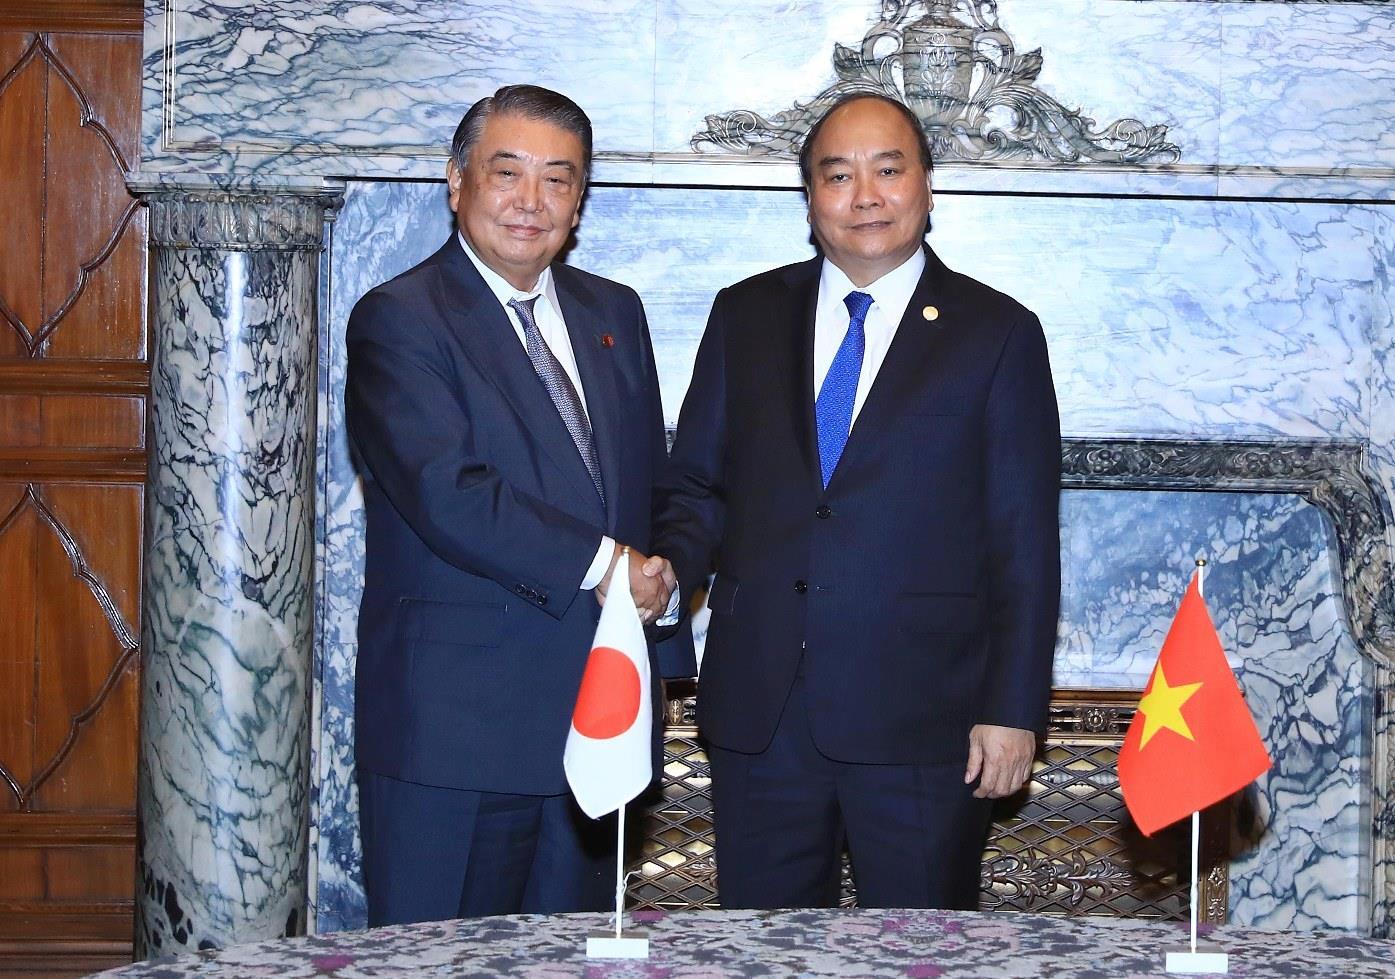 Thủ tướng hội kiến Chủ tịch Hạ viện và Thượng viện Nhật Bản